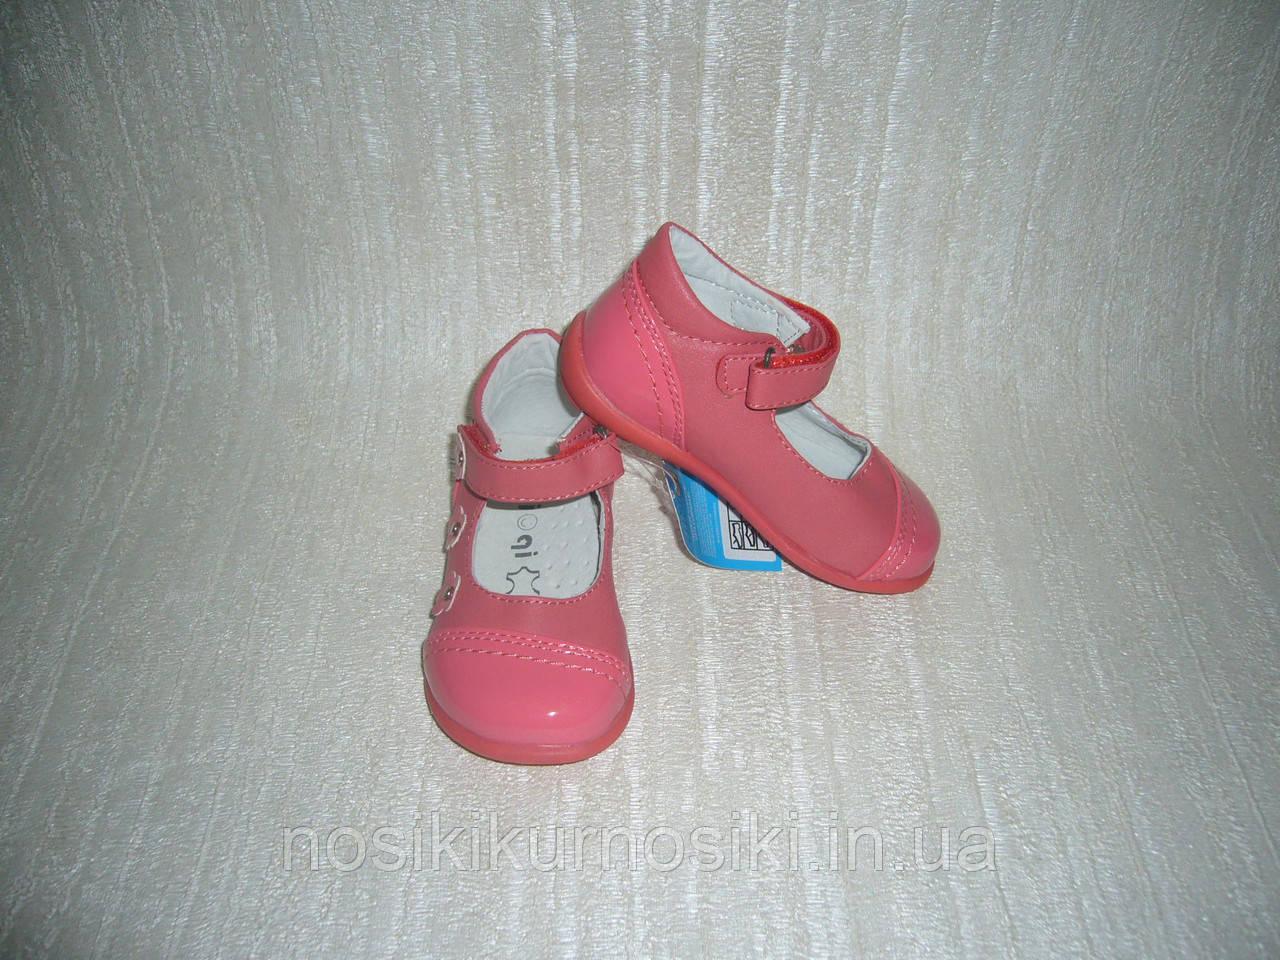 Туфли для девочек MaiQi (Румыния) размеры 20-23 цвет коралловый